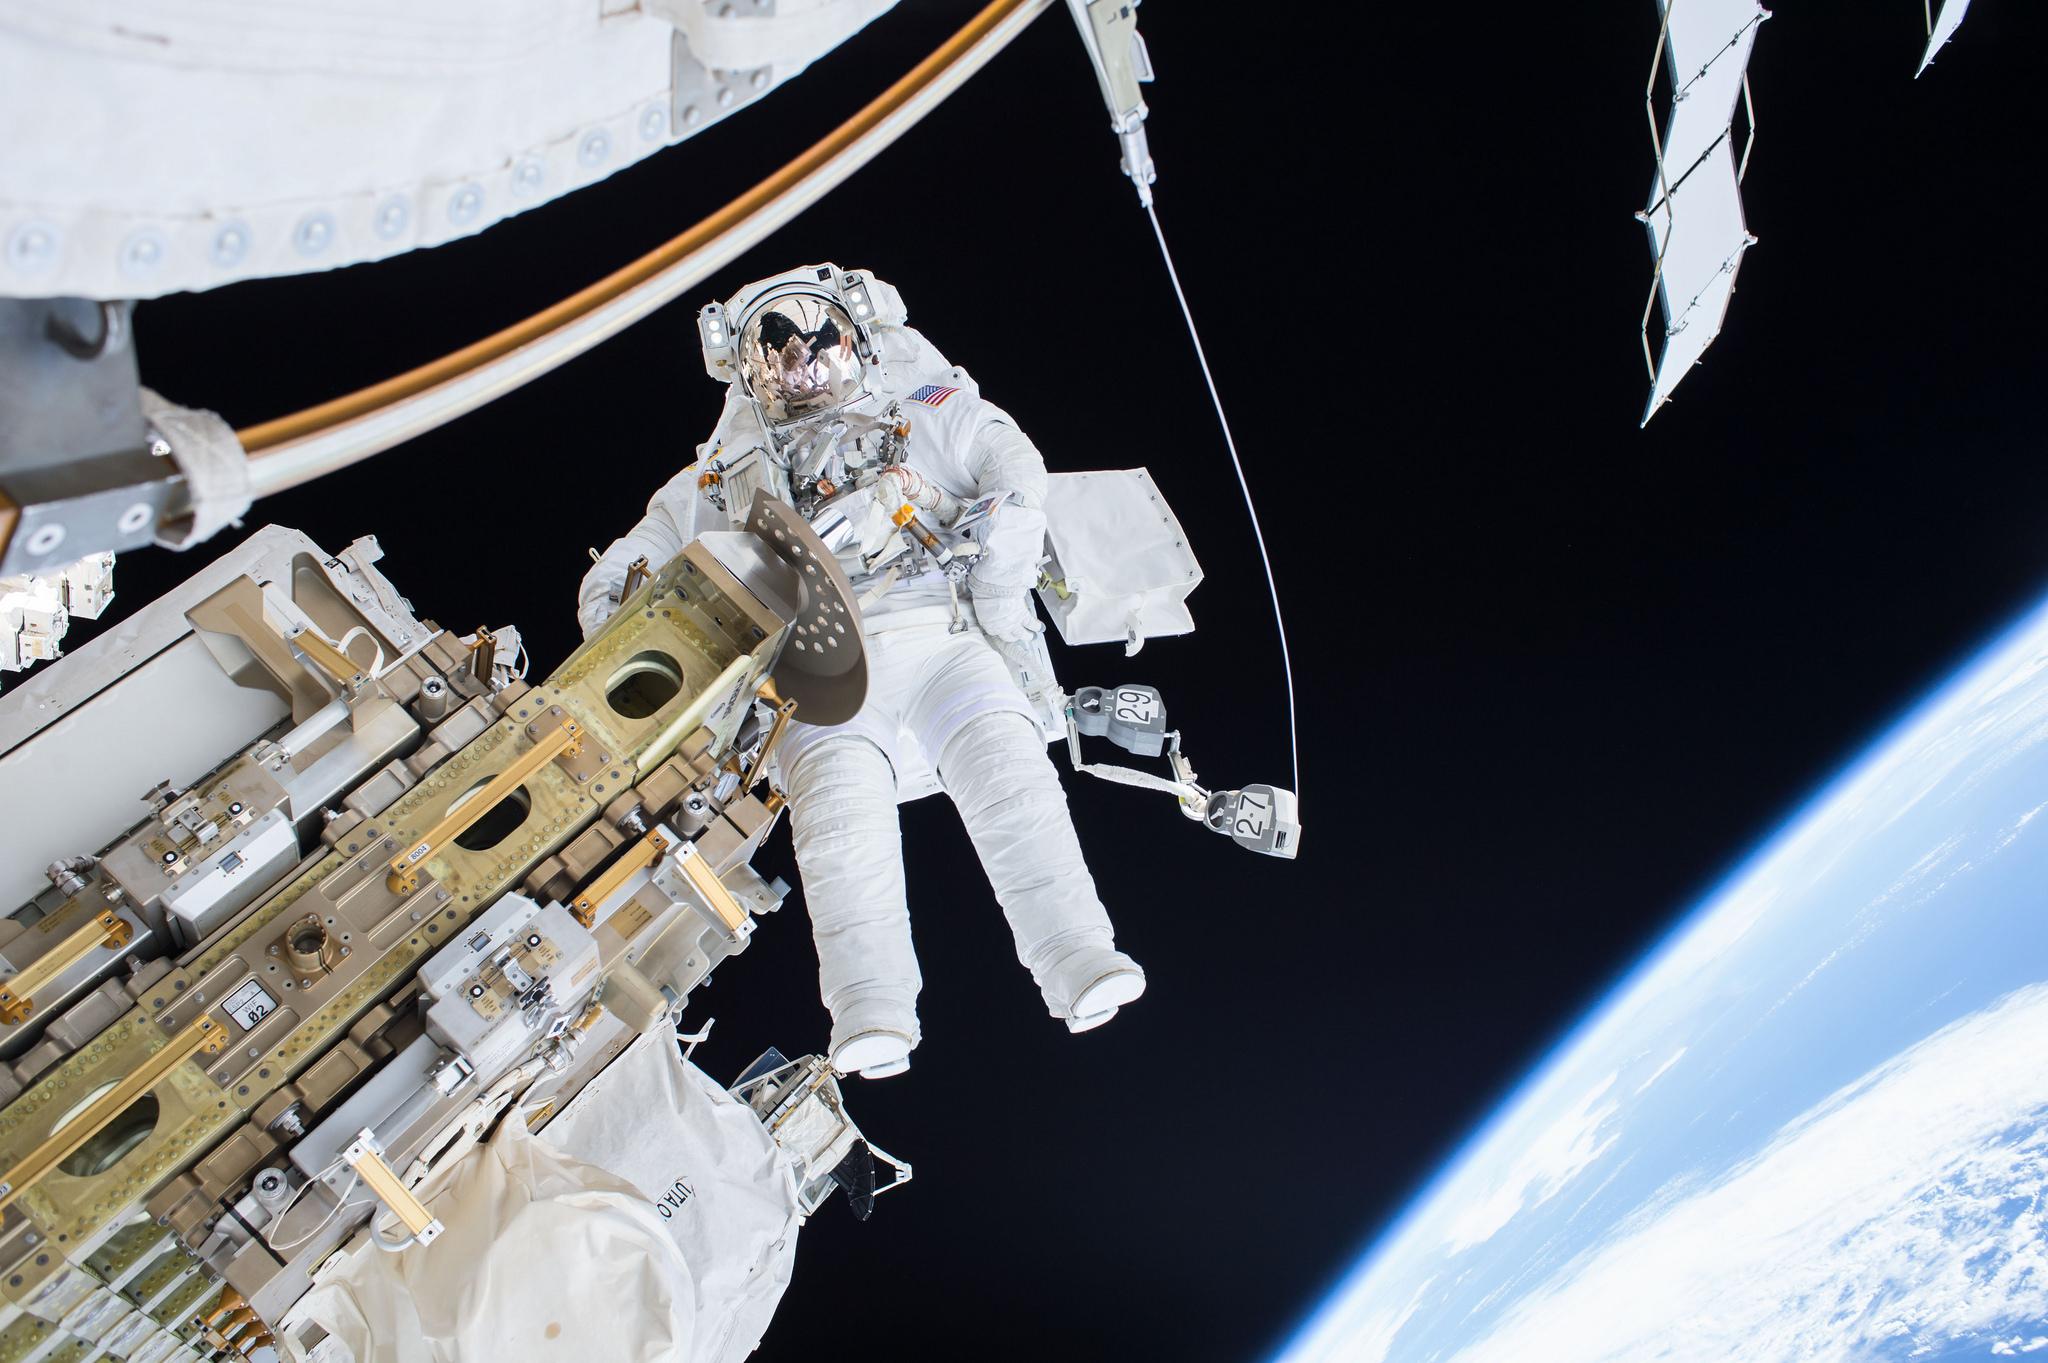 NASA TV to Air News Briefing on Upcoming Spacewalk | NASA